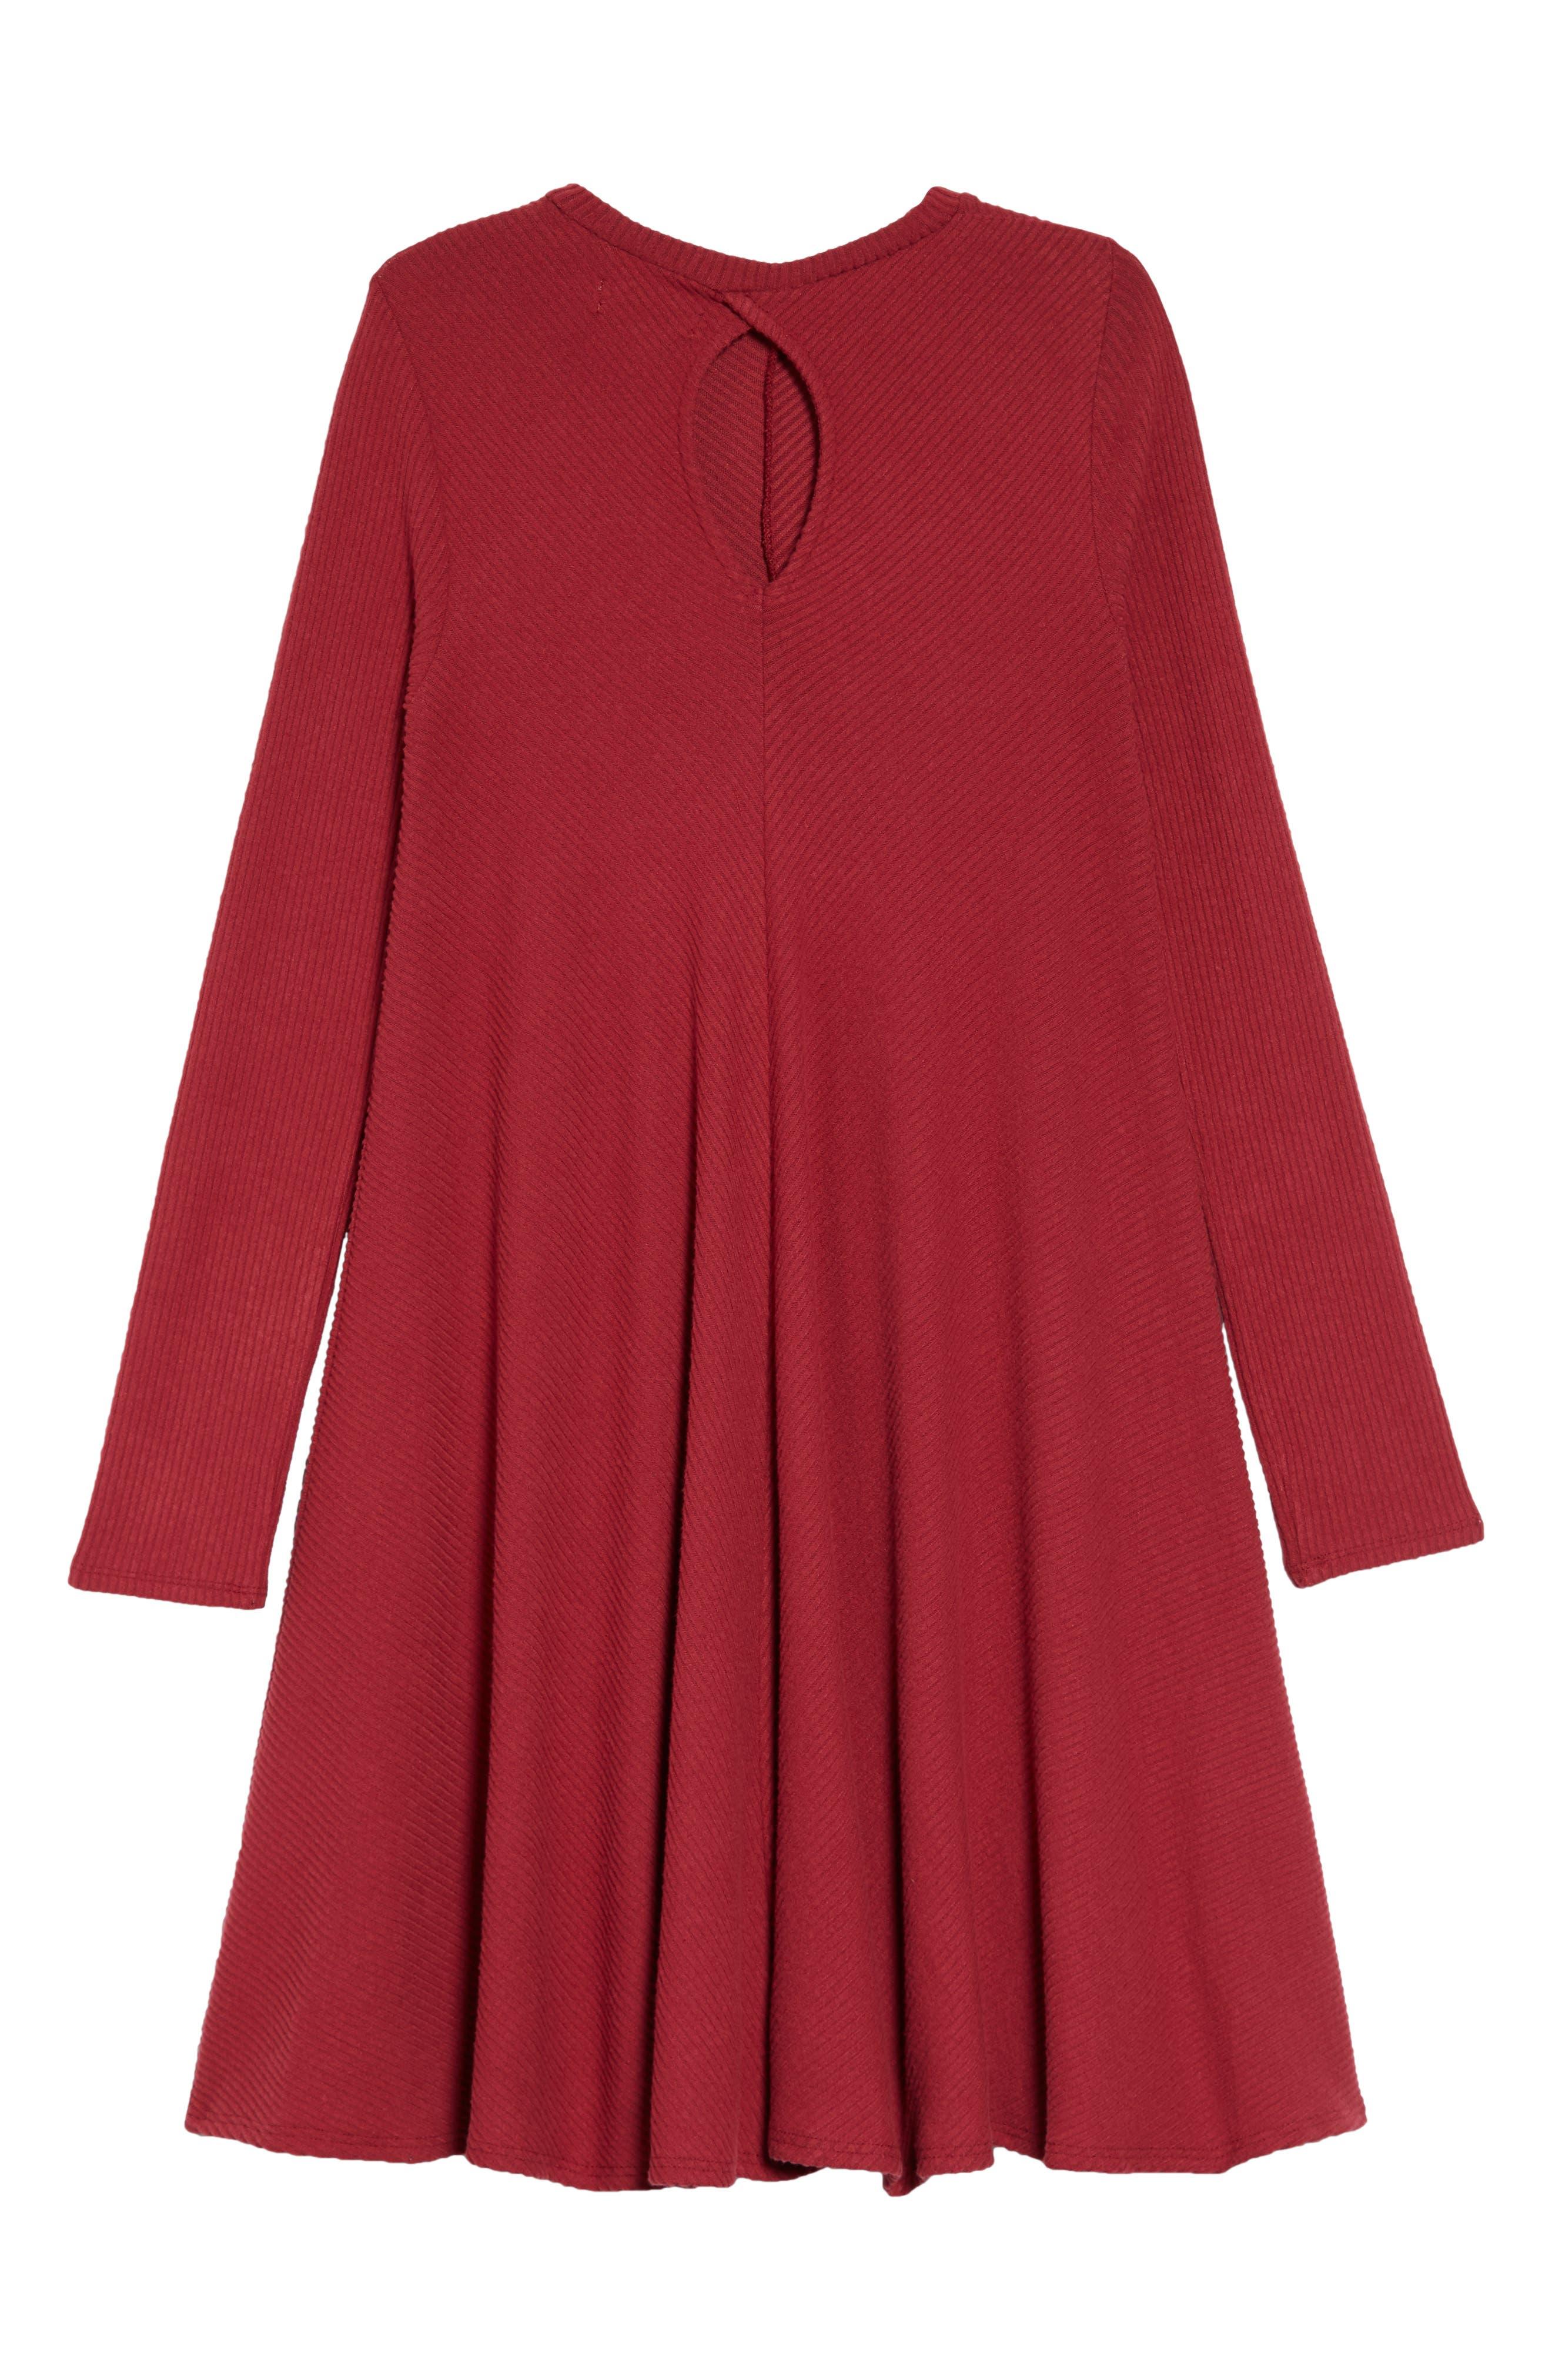 Tucker + Take Swing Dress,                             Alternate thumbnail 2, color,                             RED TIBETAN